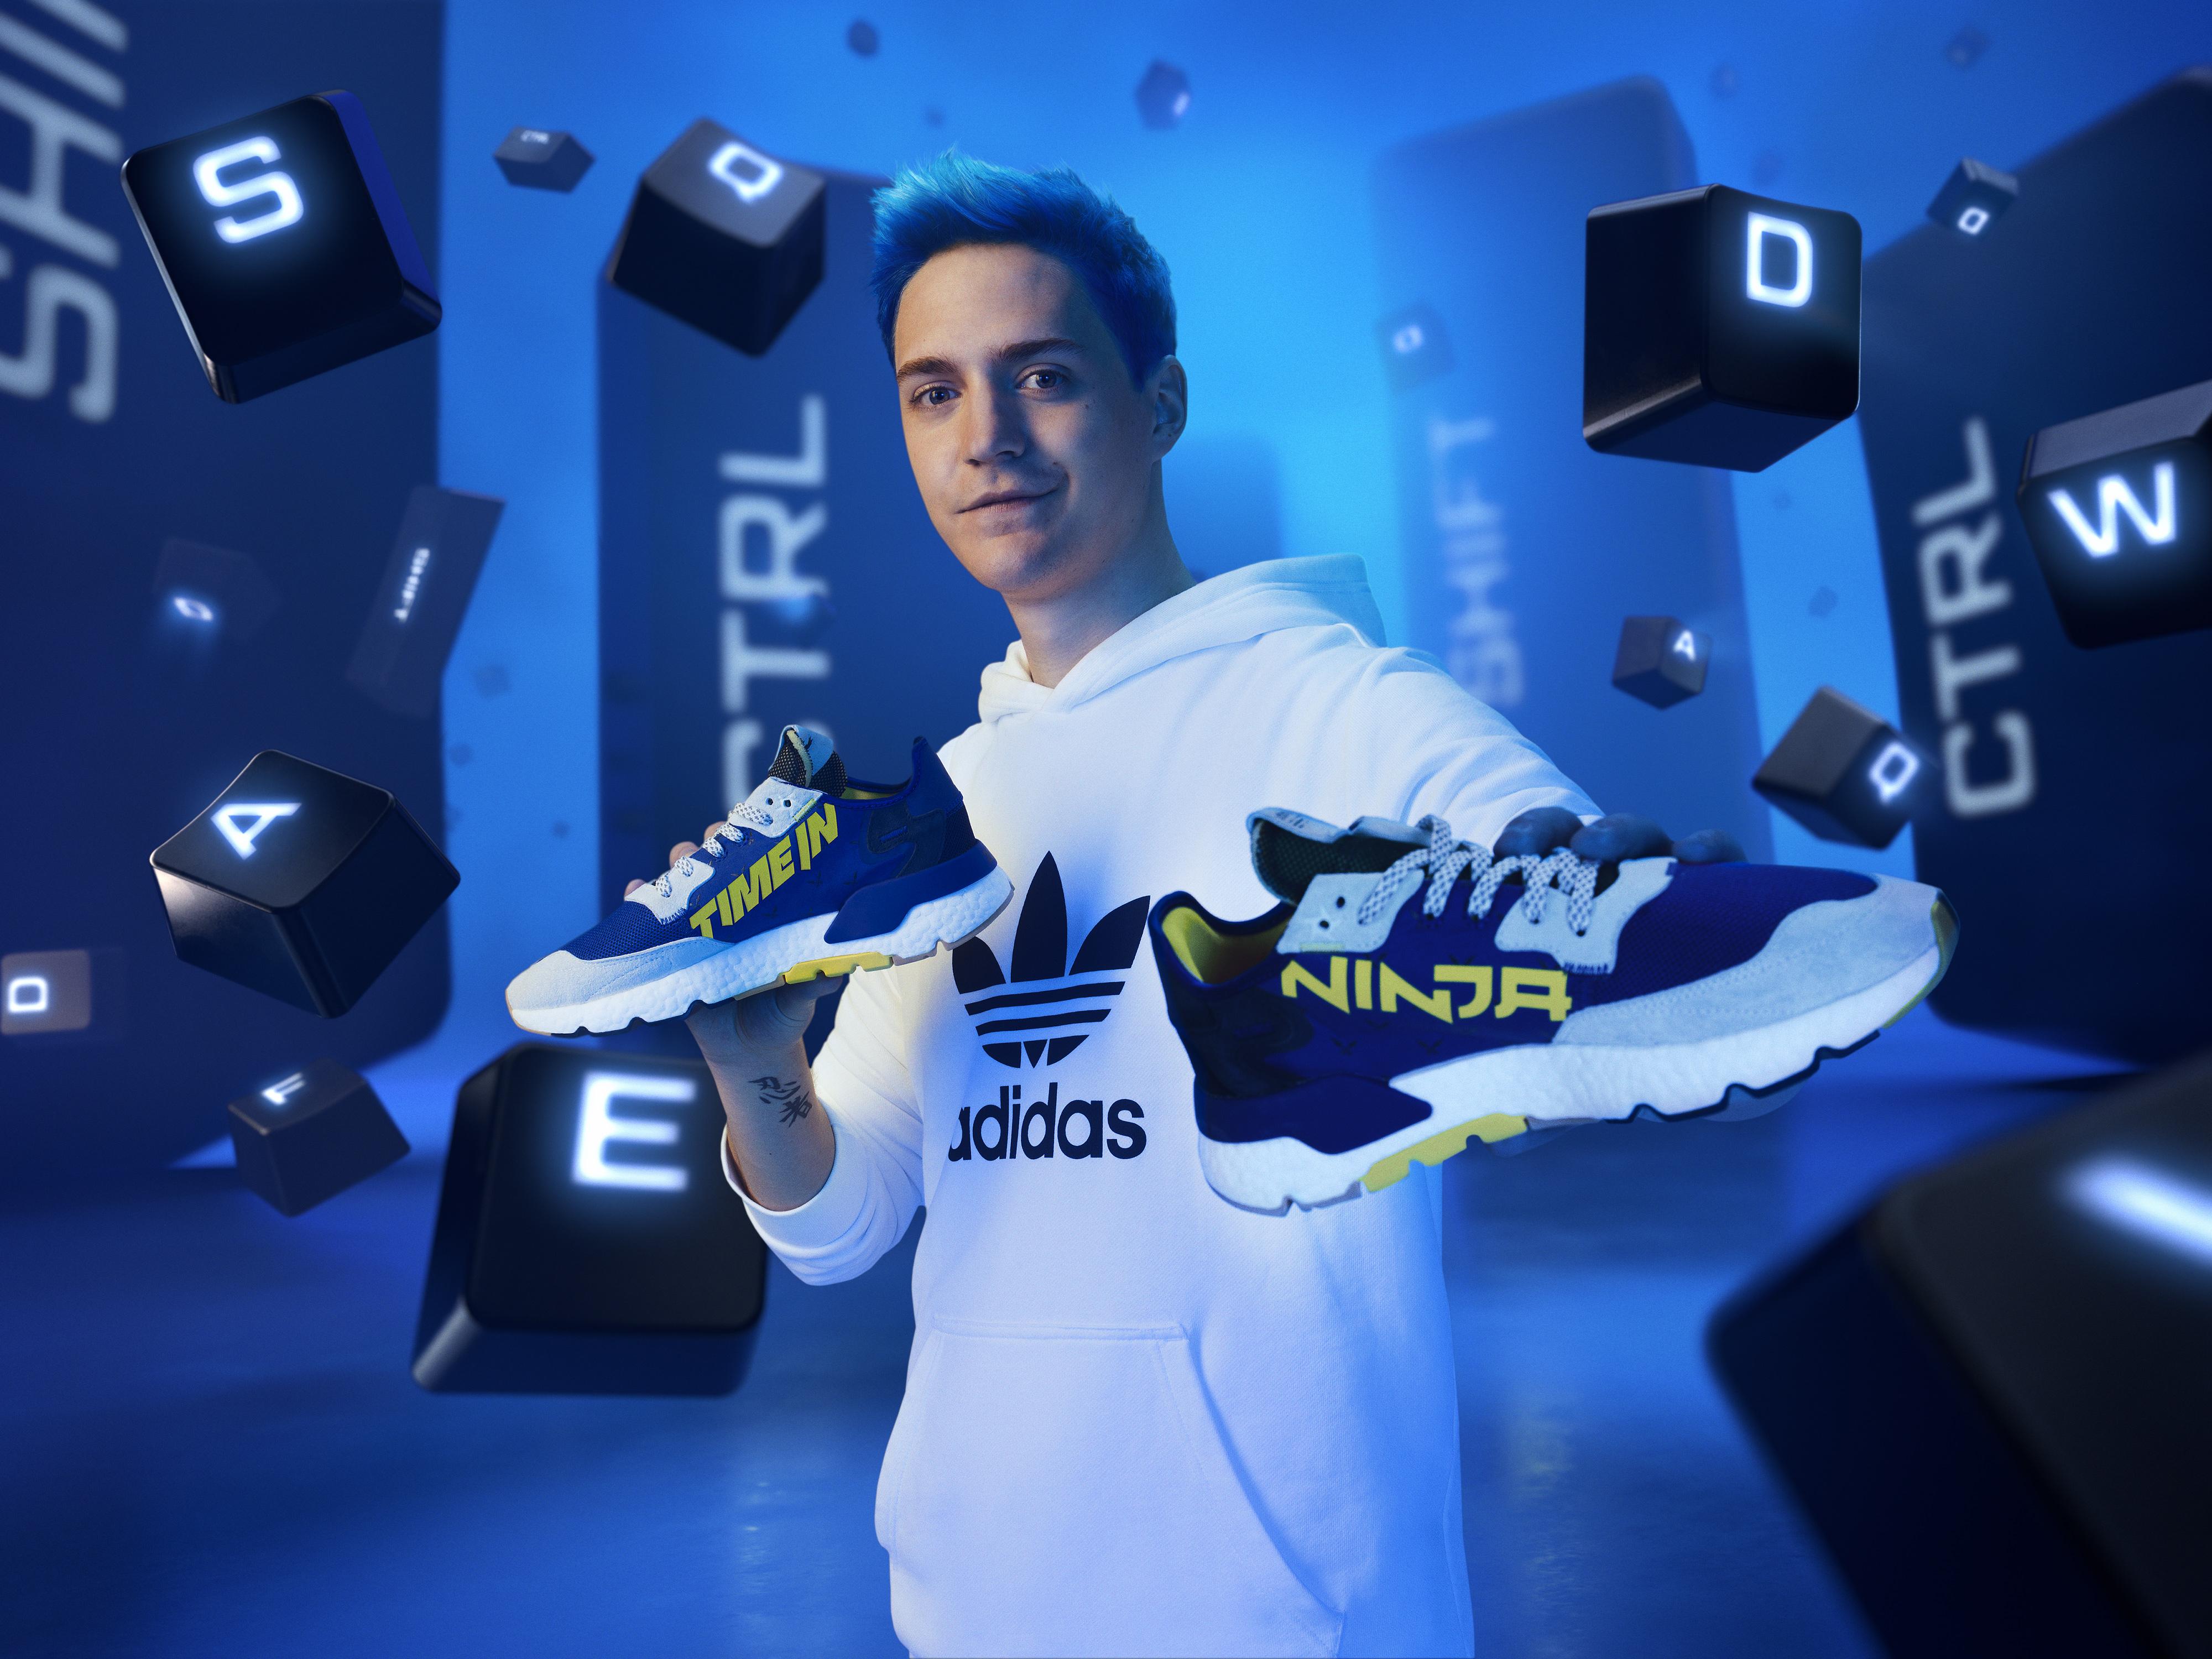 adidas x Ninja 'Time In' Nite Jogger